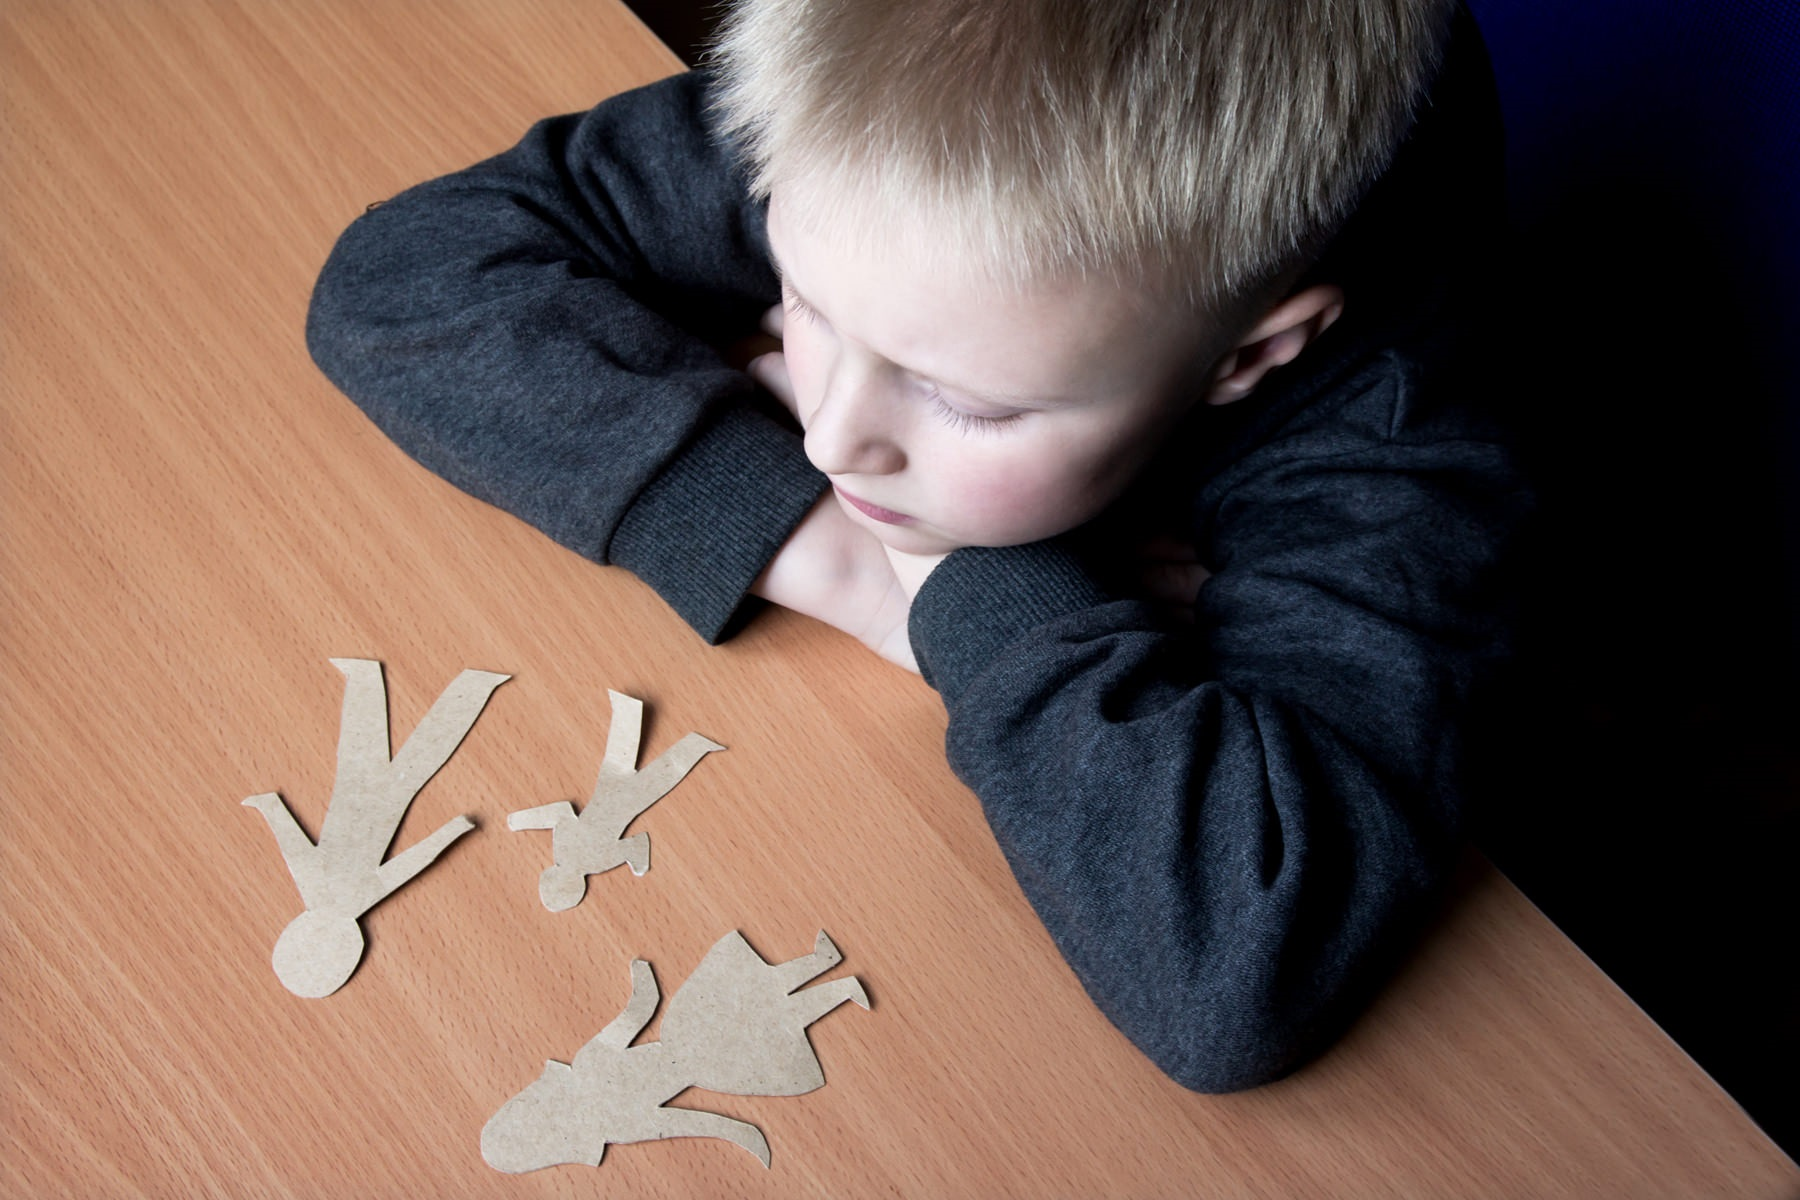 грустный ребенок и бумажные фигурки на столе